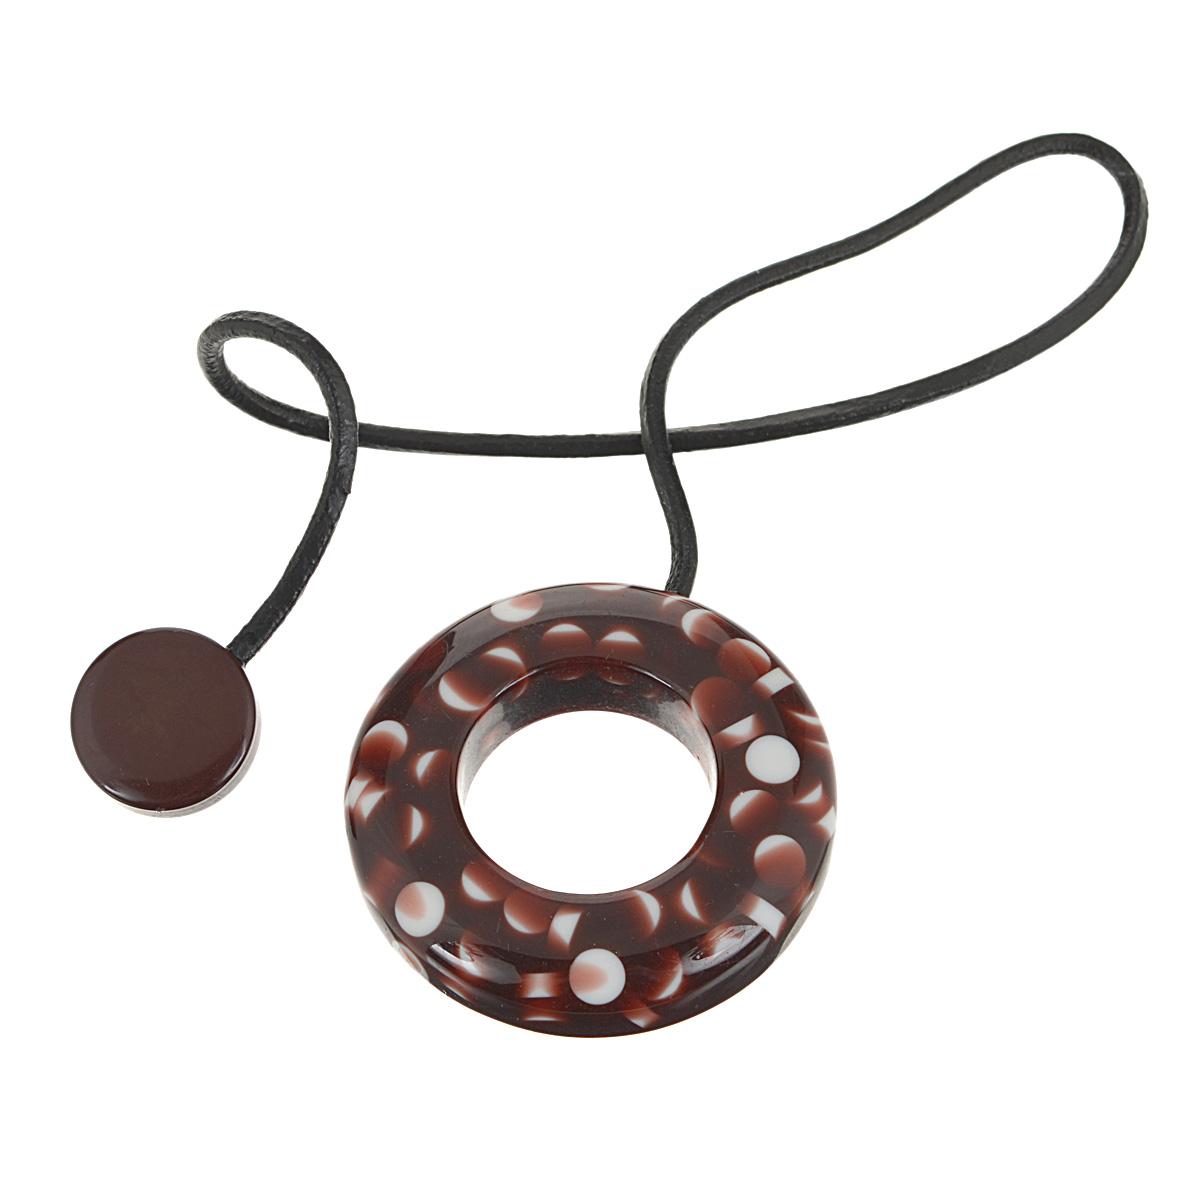 Подхват-магнит для органзы Embrasse, цвет: коричневый, белый. 7706113_81347706113_8134Клипса-магнит  Embrasse, изготовленная из пластика и кожи, предназначена для придания формы шторам. Изделие представляет собой два магнита, расположенные на разных концах кожаного шнурка. С одной стороны магнит оформлен декоративным кольцом. С помощью такой магнитной клипсы можно зафиксировать портьеры, придать им требуемое положение, сделать складки симметричными или приблизить портьеры, скрепить их. Клипсы для штор являются универсальным изделием, которое превосходно подойдет как для штор в детской комнате, так и для штор в гостиной. Следует отметить, что клипсы для штор выполняют не только практическую функцию, но также являются одной из основных деталей декора этого изделия, которая придает шторам восхитительный, стильный внешний вид.